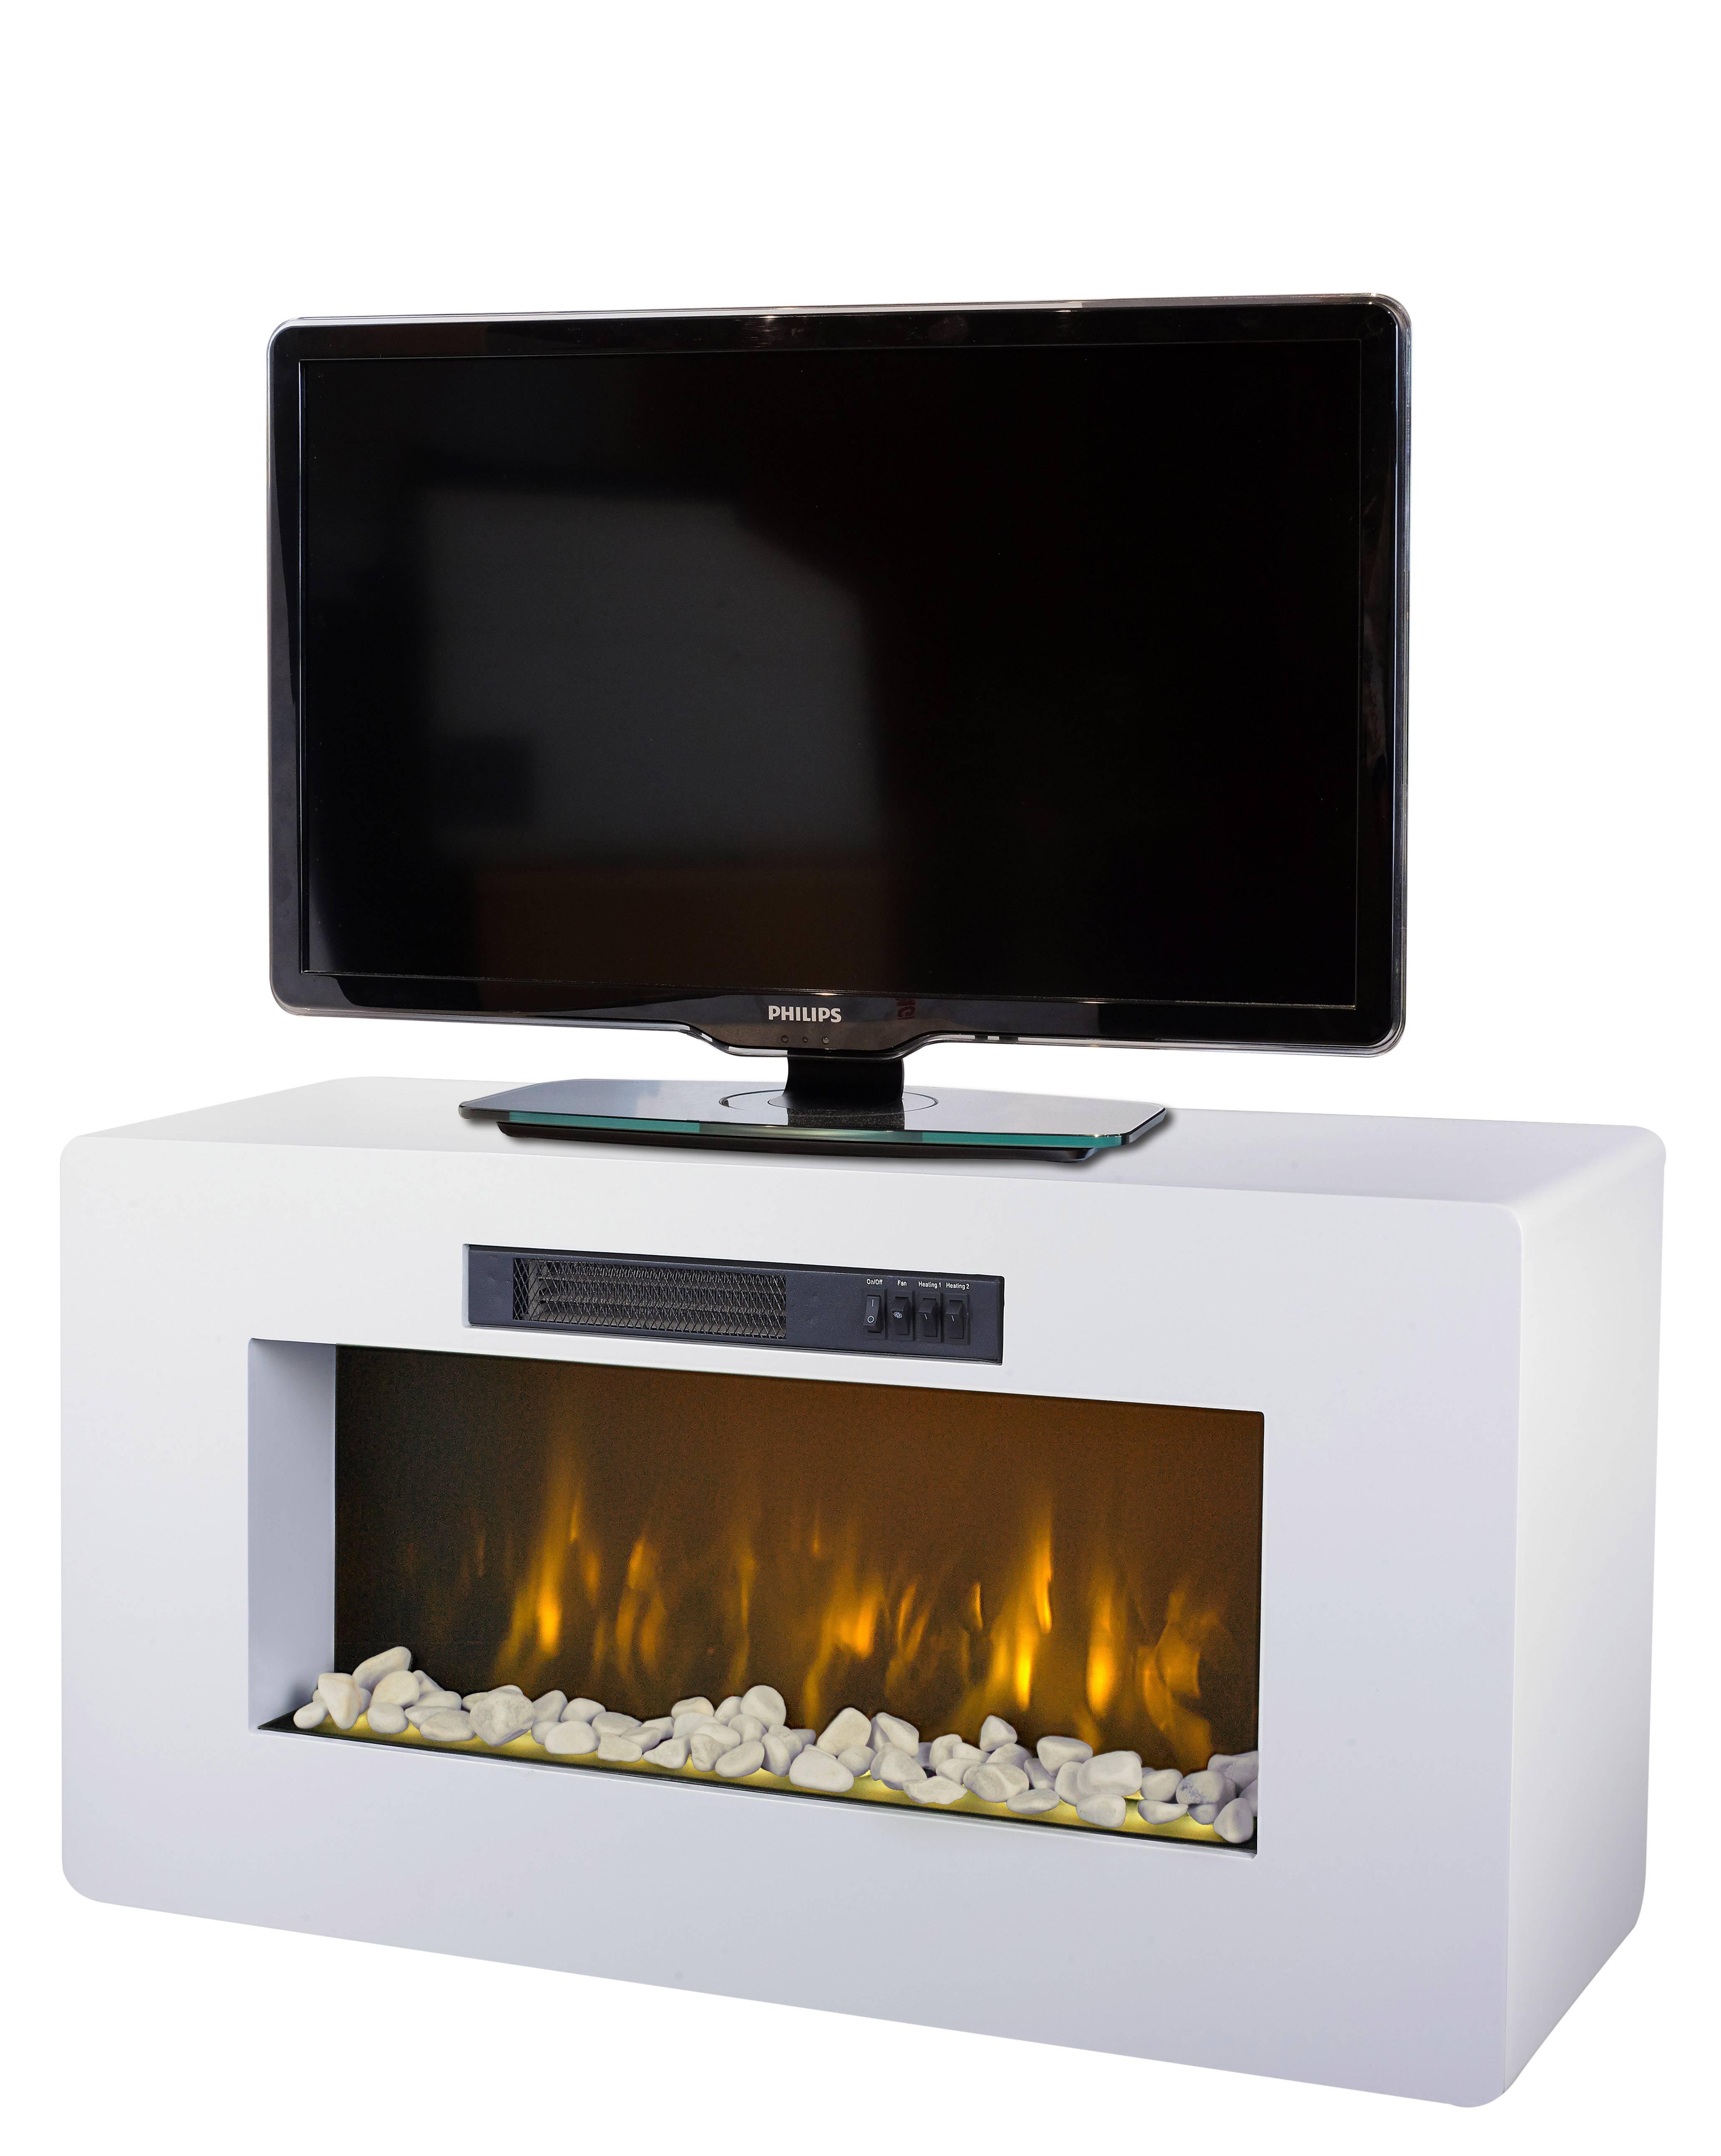 Meuble Tv Blanc Cheminee Electrique 2000w Meribel